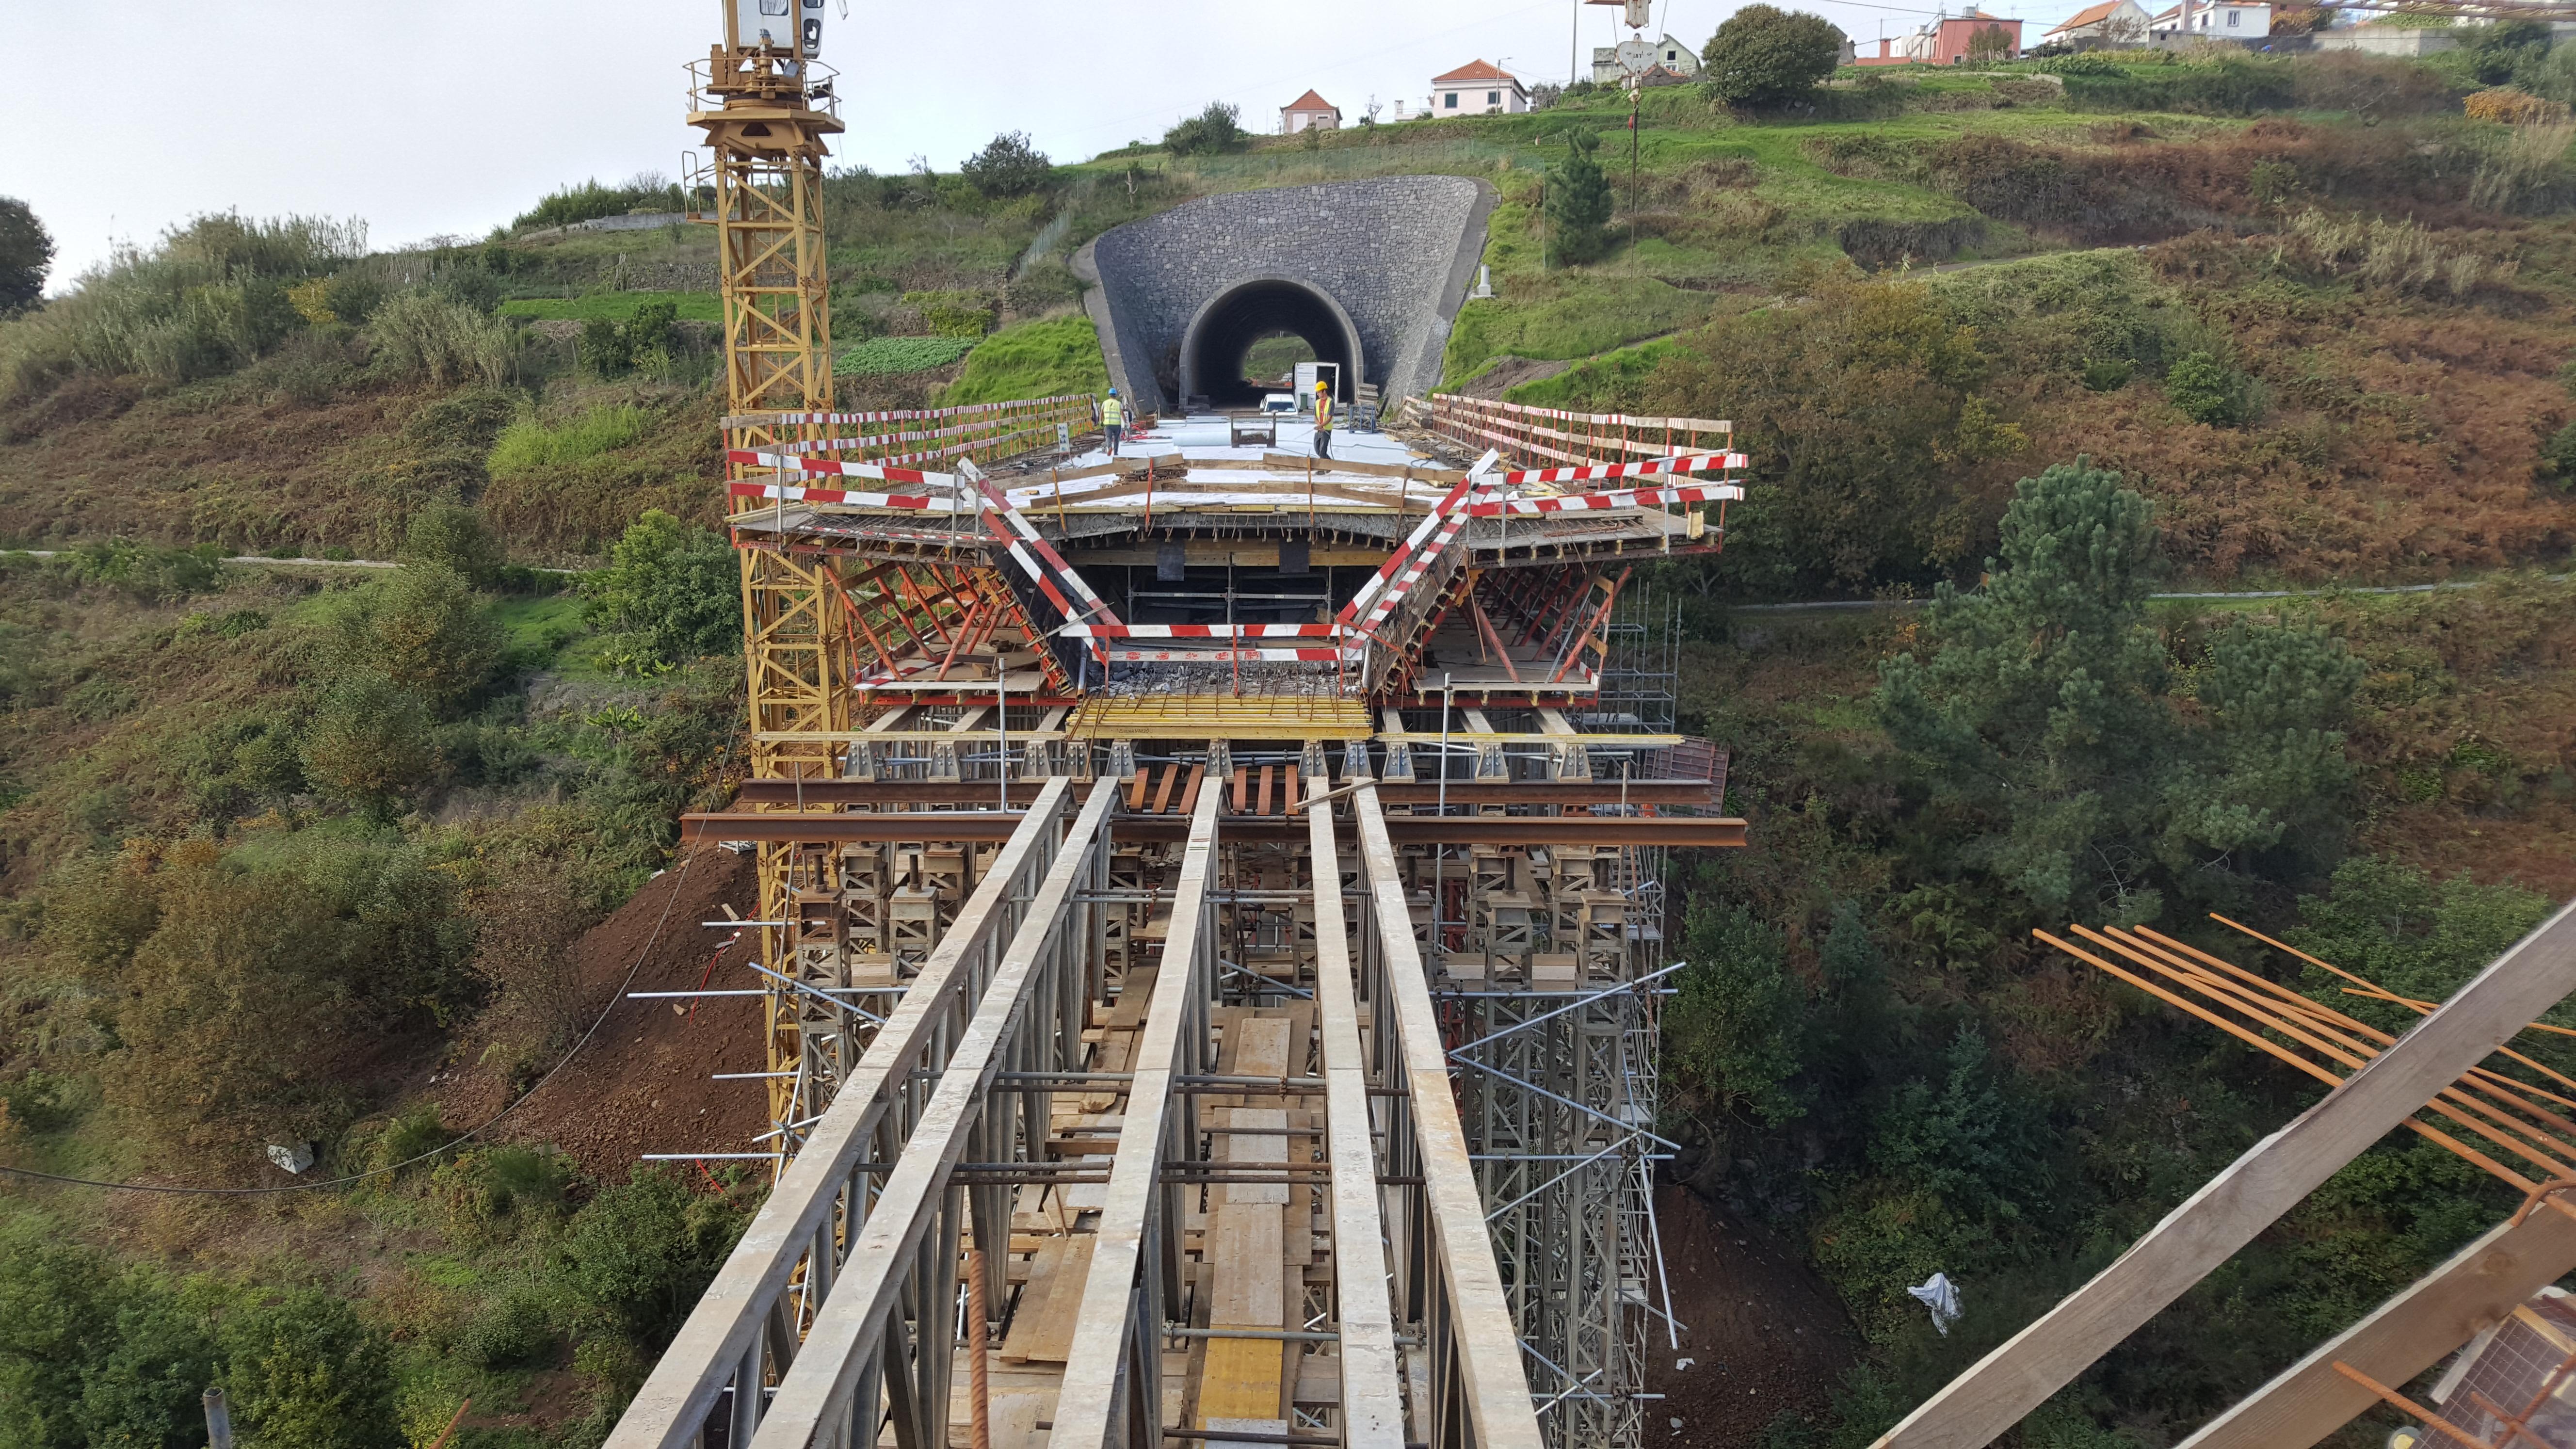 """Vídeo mostra empreitada de construção da """"Via Expresso Fajã da Ovelha / Ponta do Pargo - 2.ª Fase"""""""